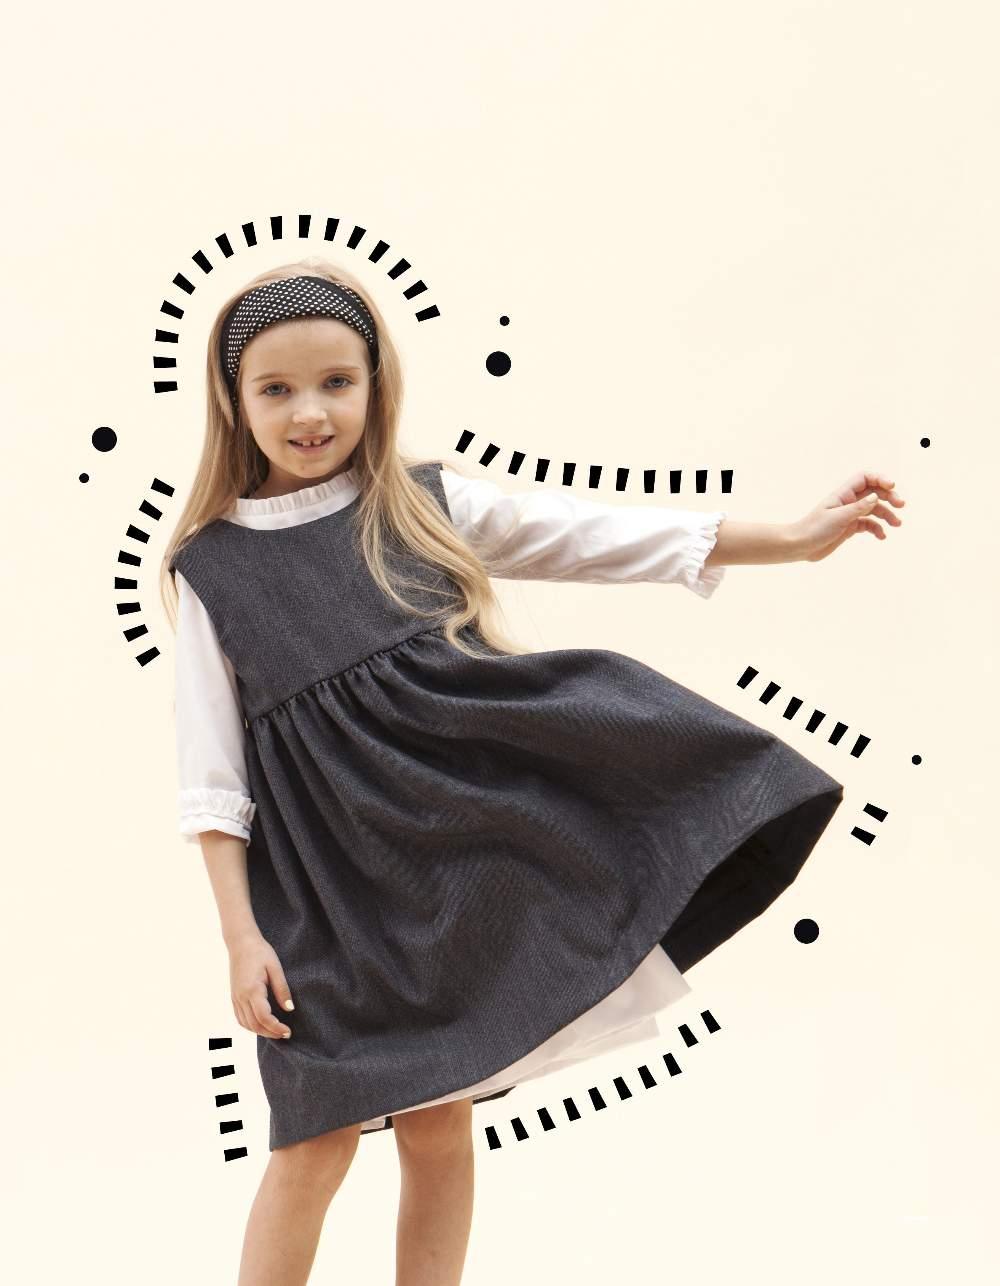 0bf22d66ecfaa2 І запевняють, що гарна шкільна сукня дозволить крихітці відчувати себе  найважливішою у всьому світі. Батьки ж можуть бути впевнені в якості та  зручності ...